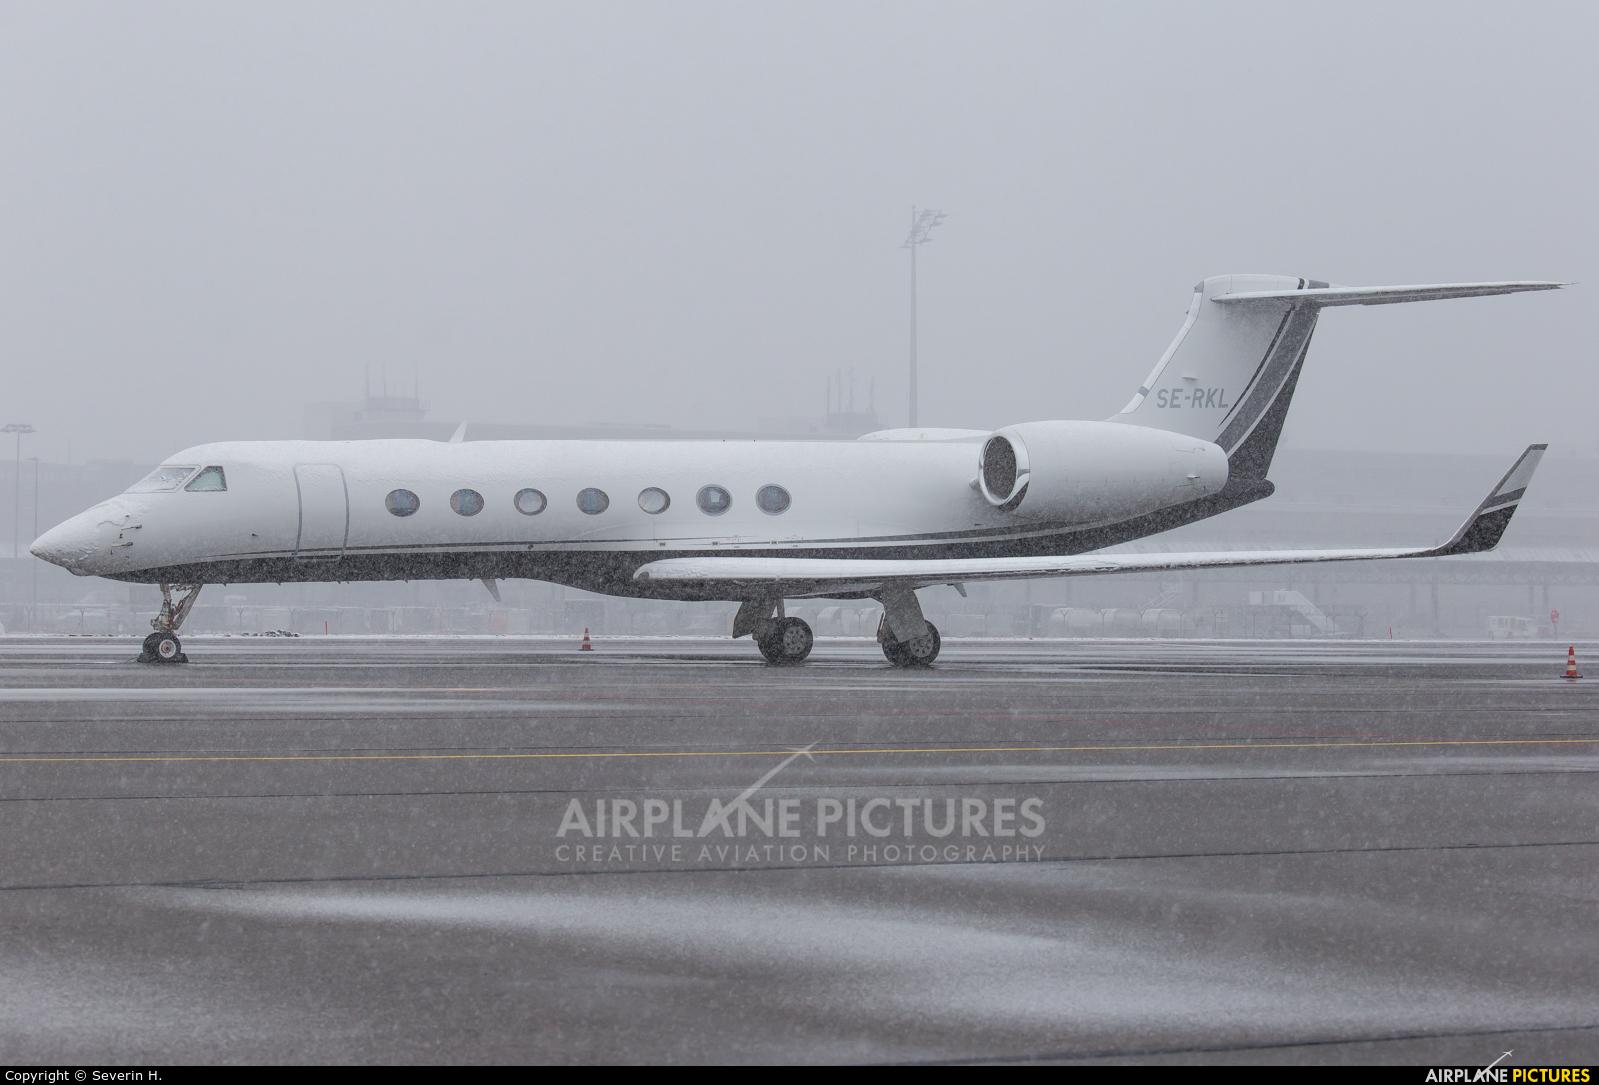 SAAB Aircraft Company SE-RKL aircraft at Munich